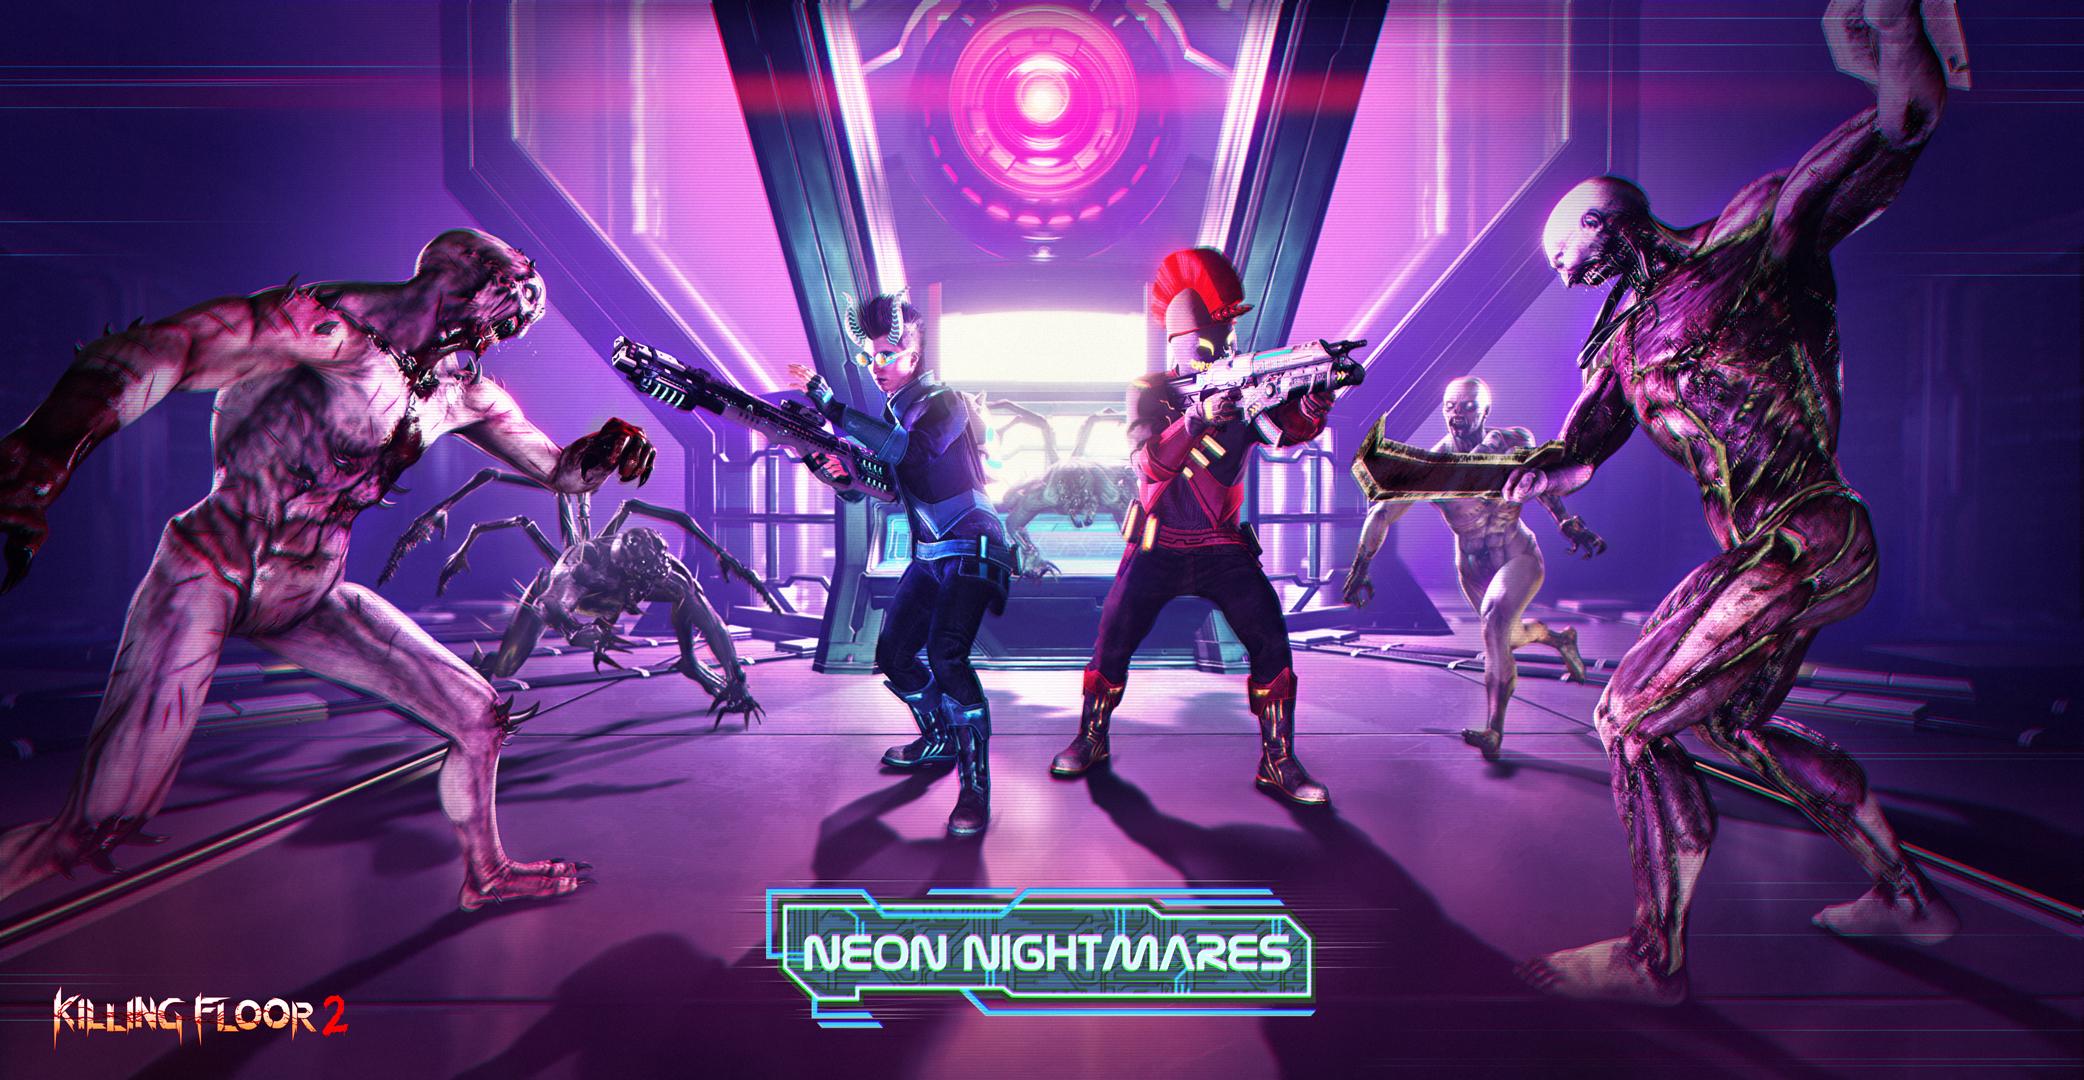 NeonNightmares.jpg